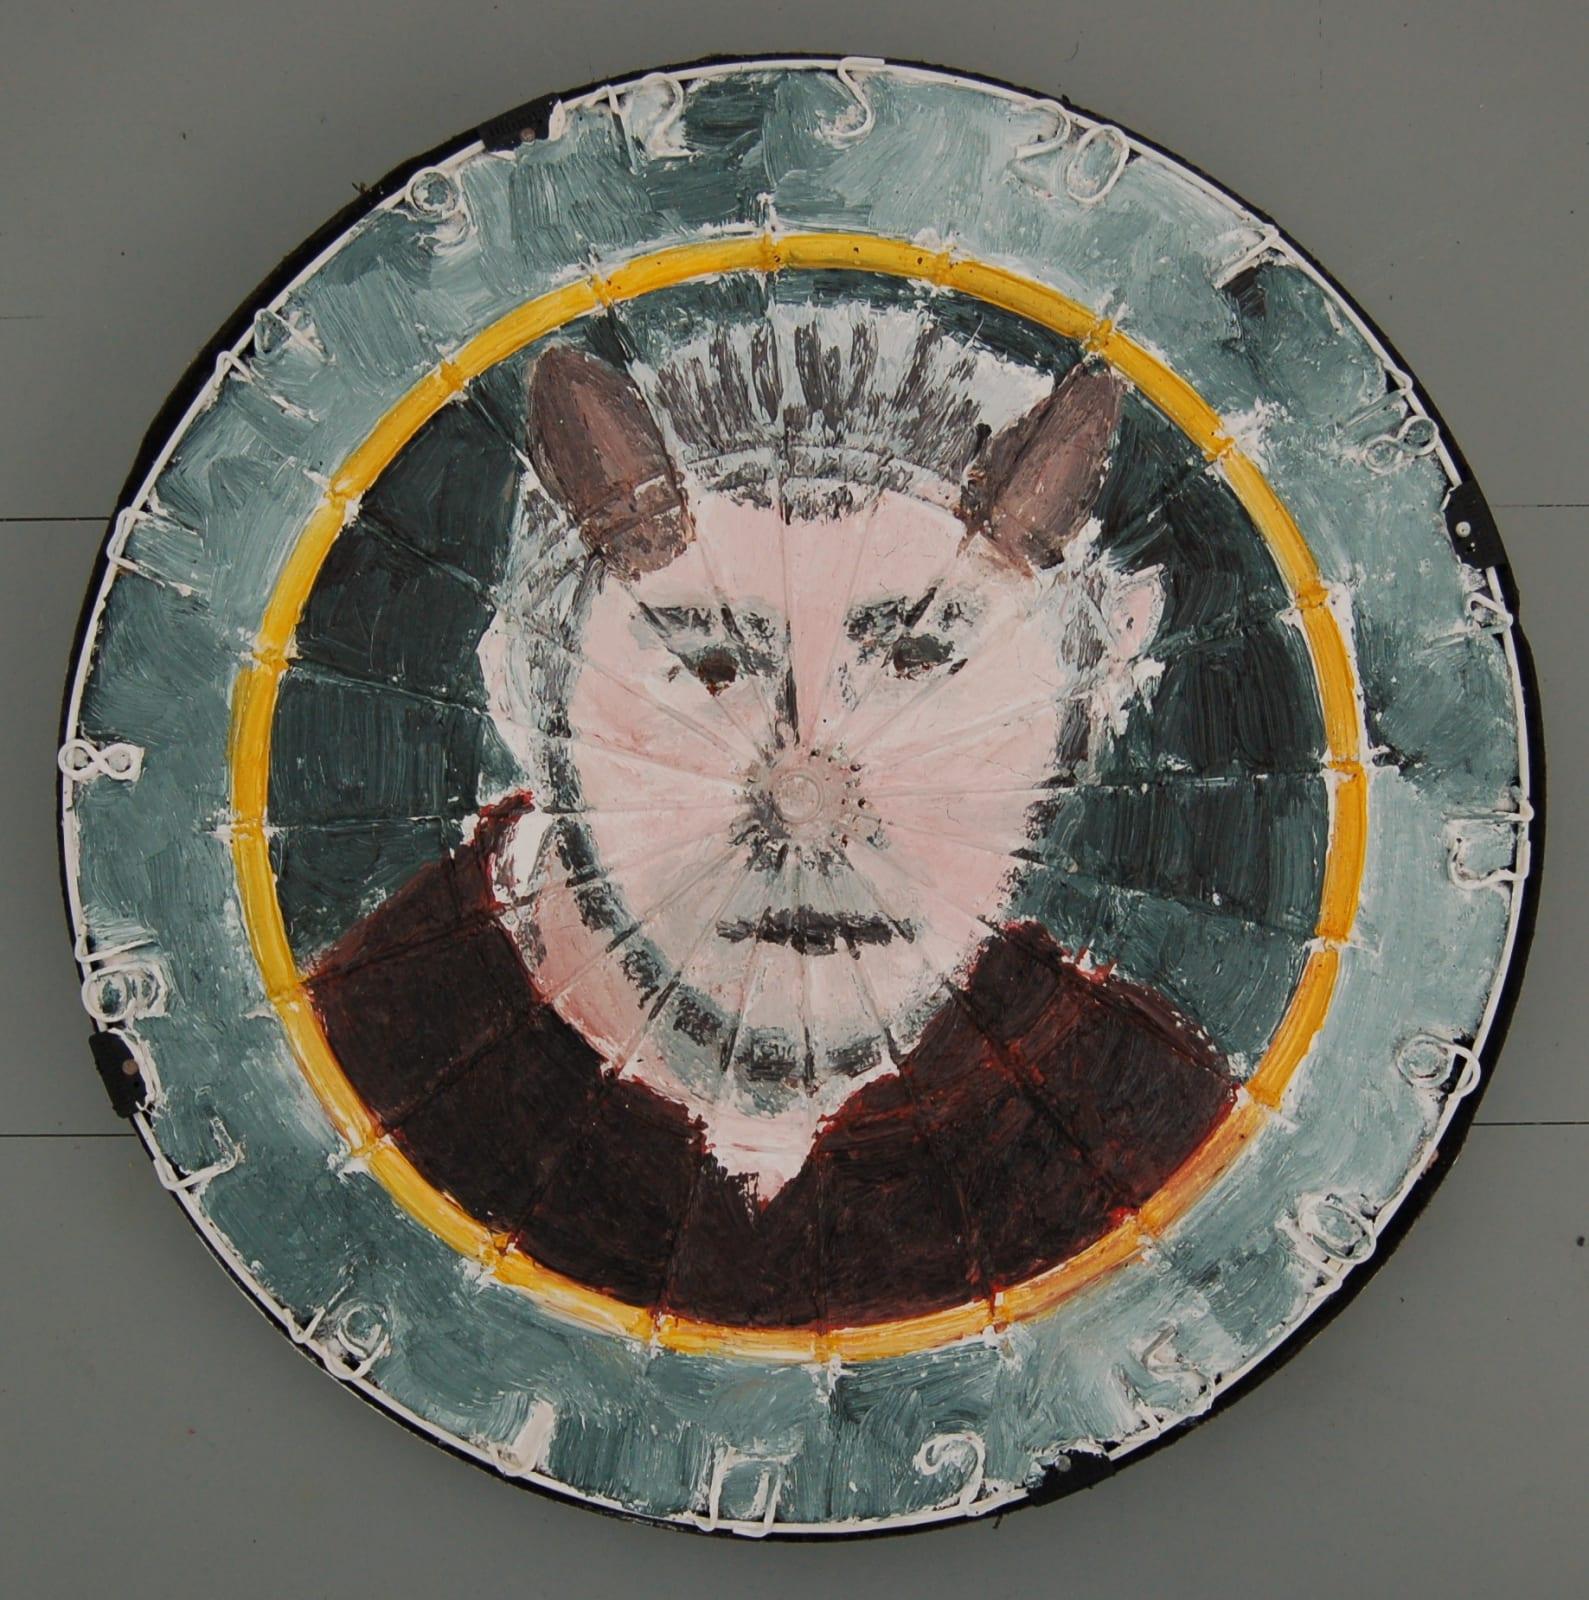 Marco Livingstone, Angel or Devil, 2014